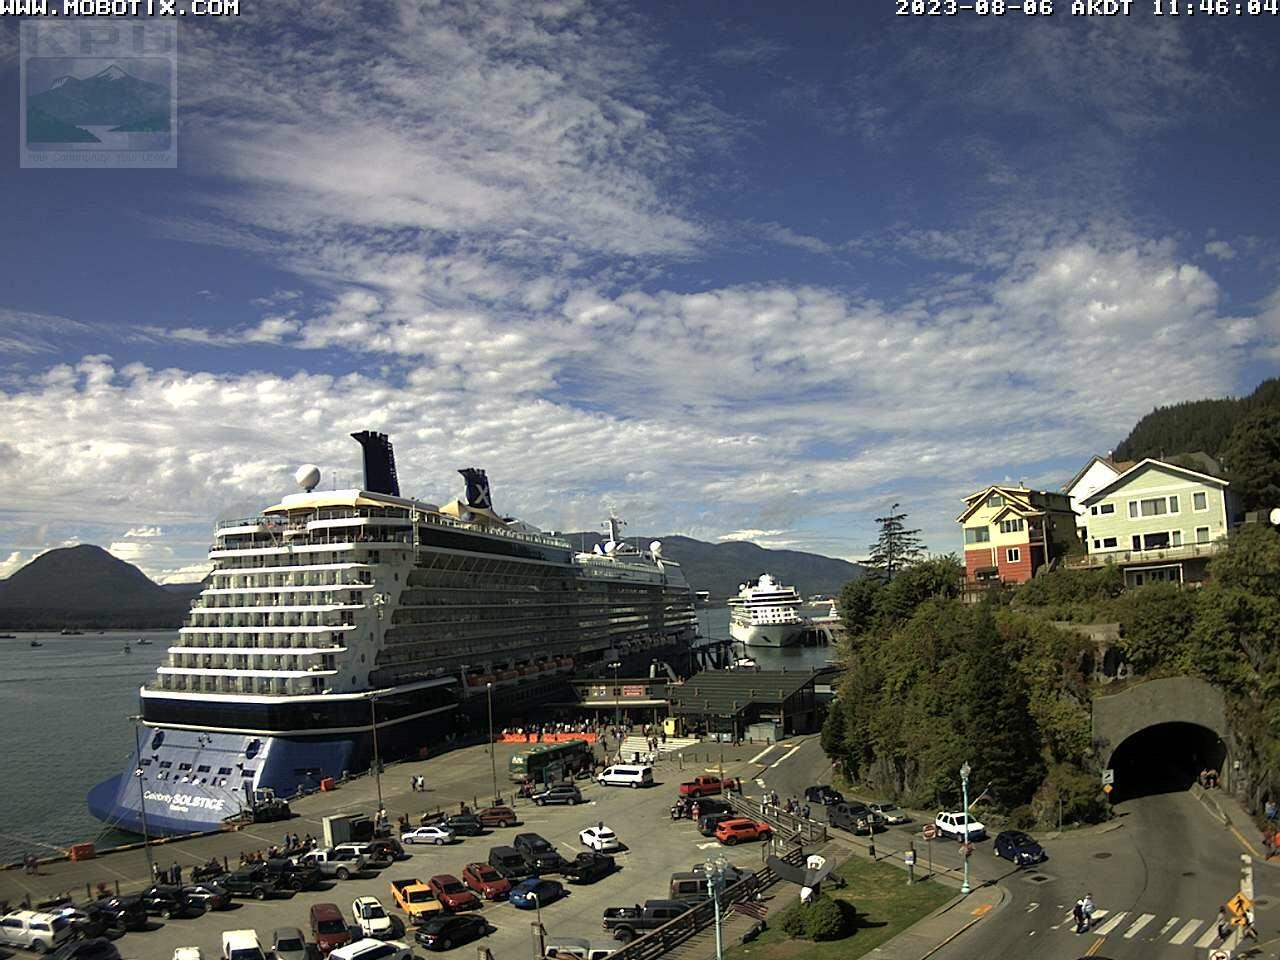 Current Ketchikan Webcam #2 Mega-View Image